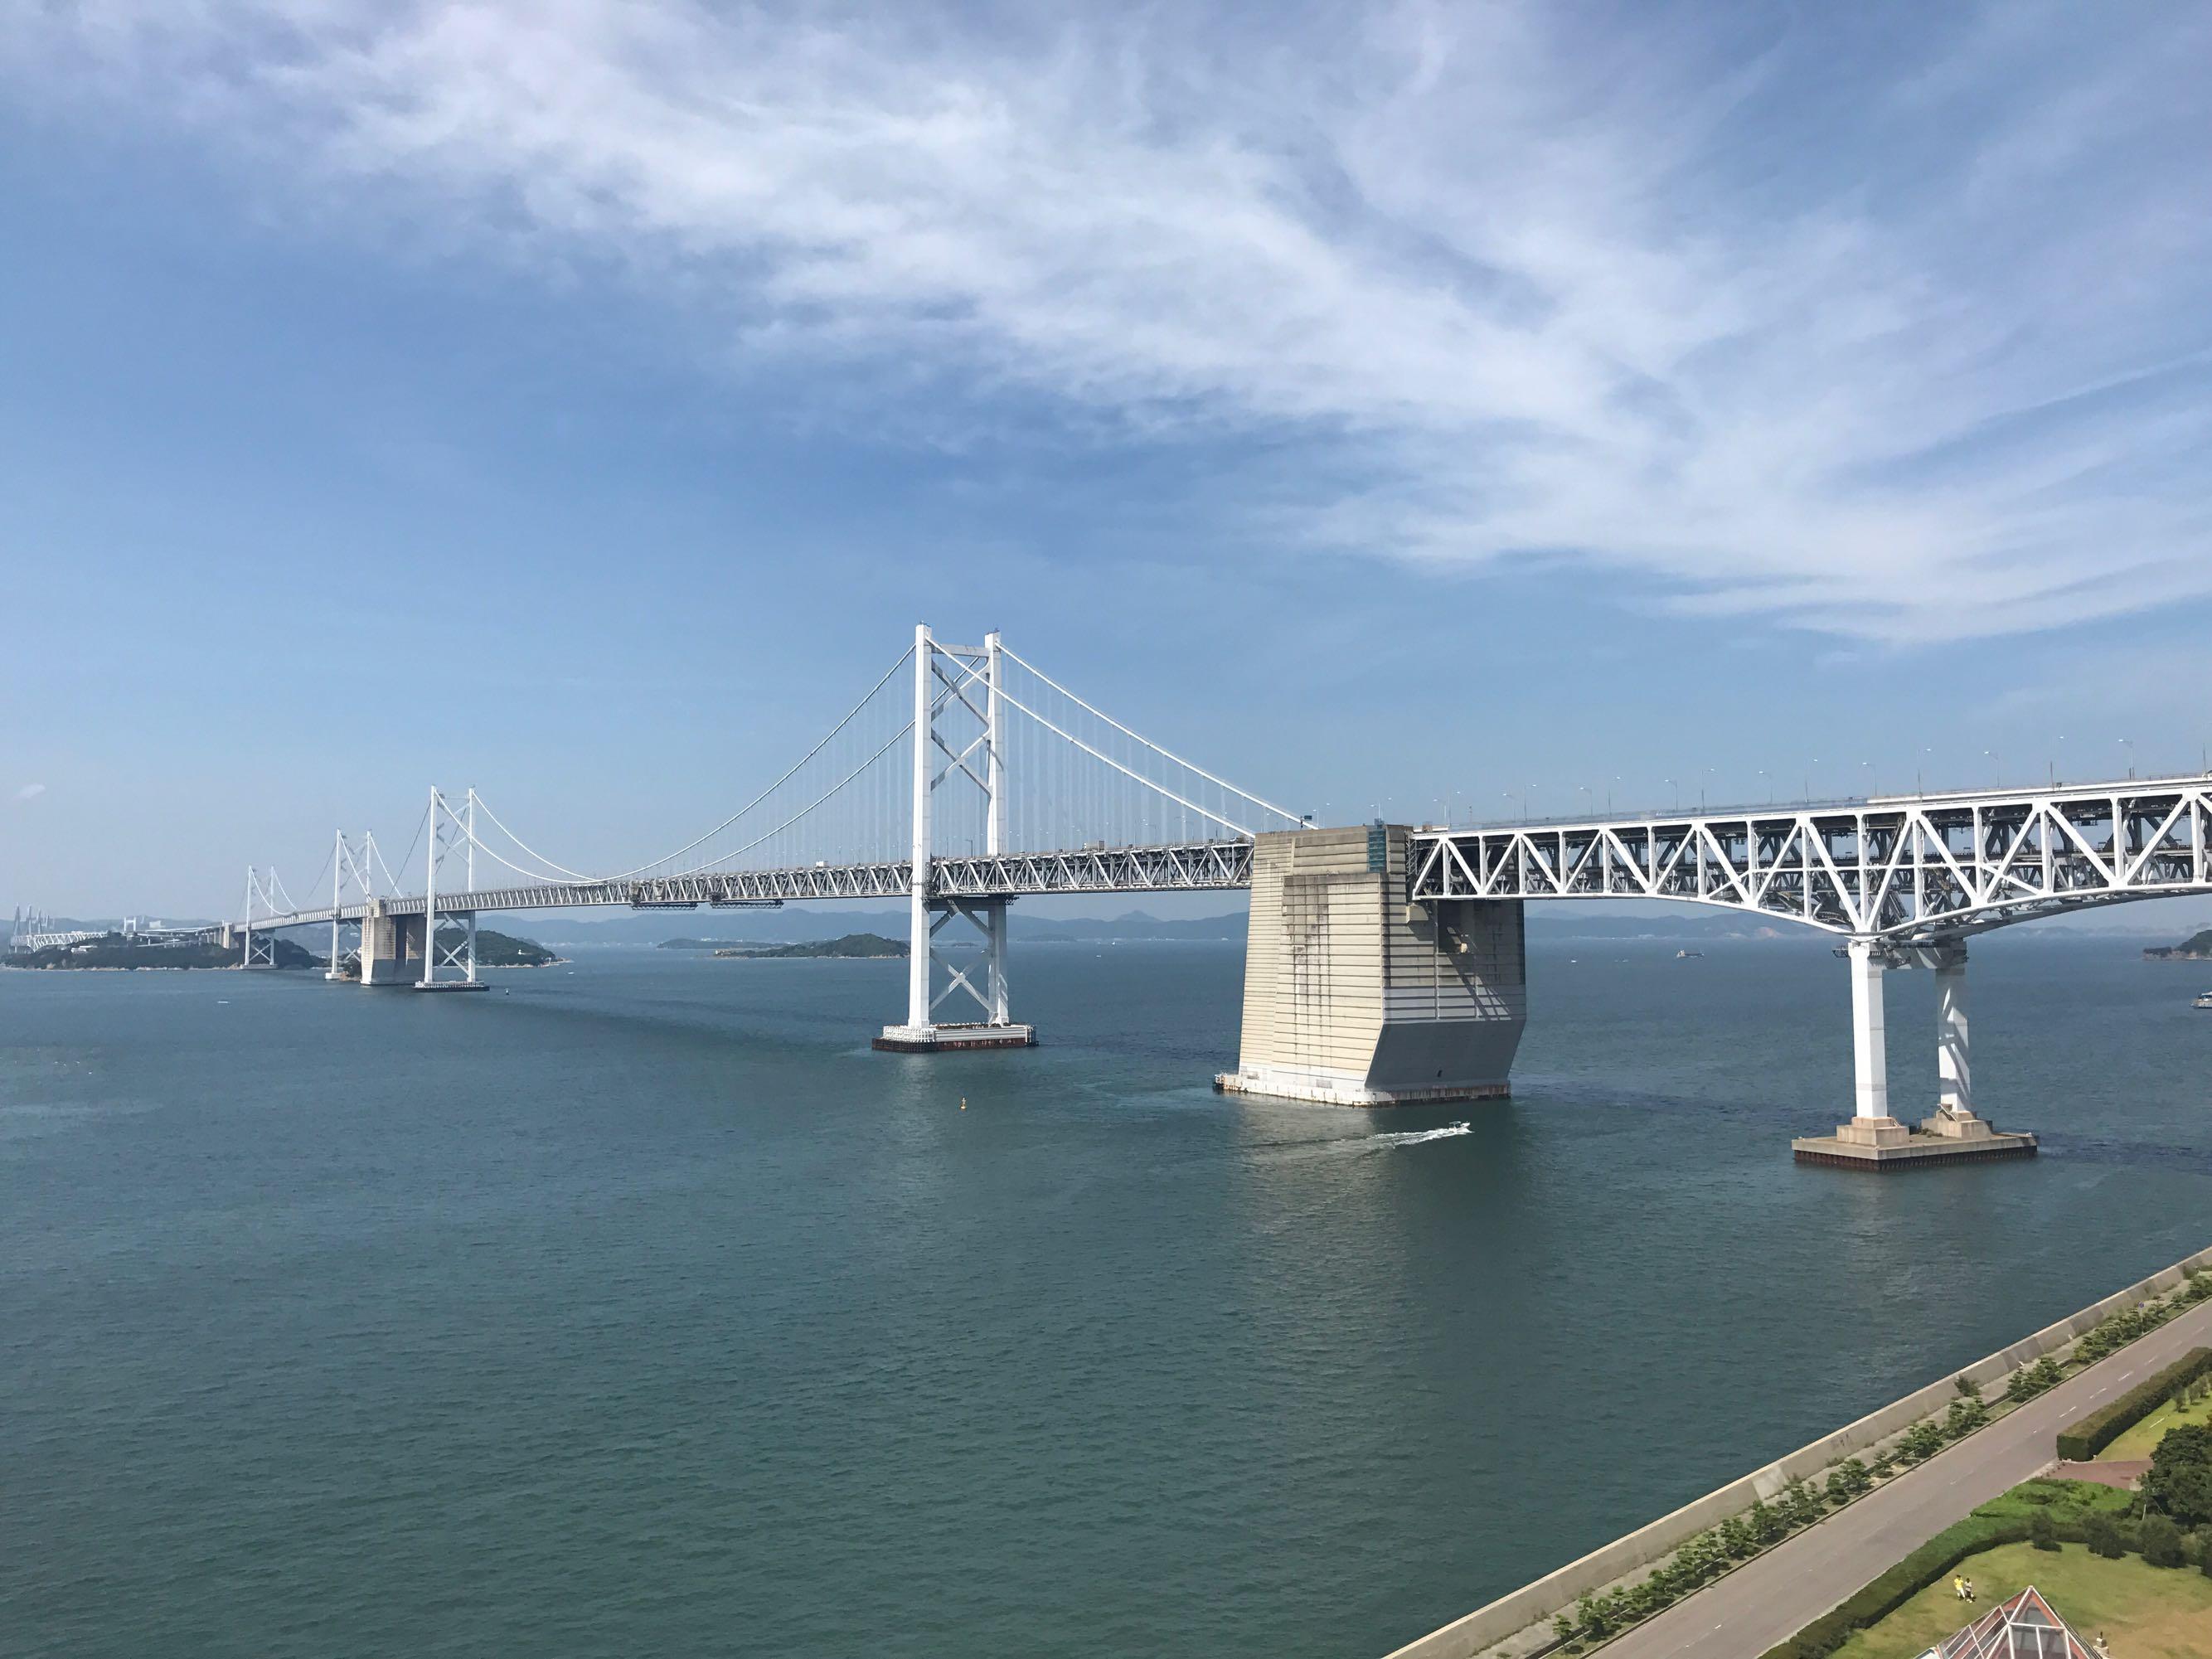 瀬戸大橋を一望!瀬戸大橋記念公園は香川観光やデートにオススメ!【2017年8月高知・高松旅行記その7】